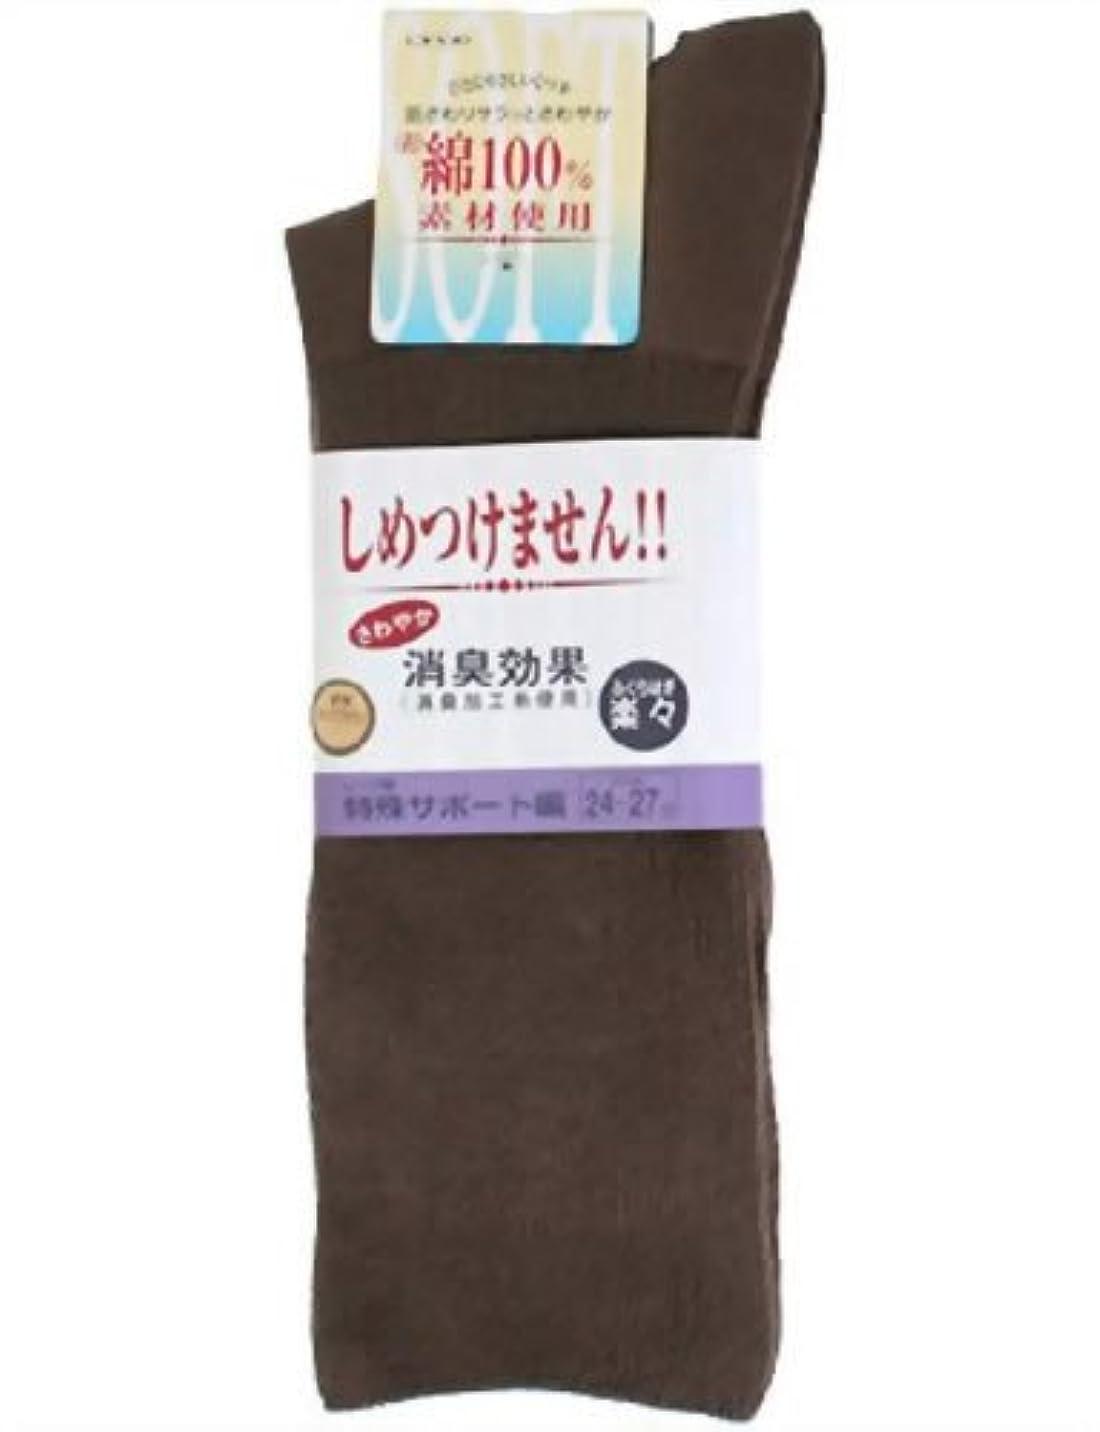 帝国主義完璧ポーズ神戸生絲 ふくらはぎ楽らくソックス 紳士 春夏用 ダークブラウン 5950 ダークブラウン